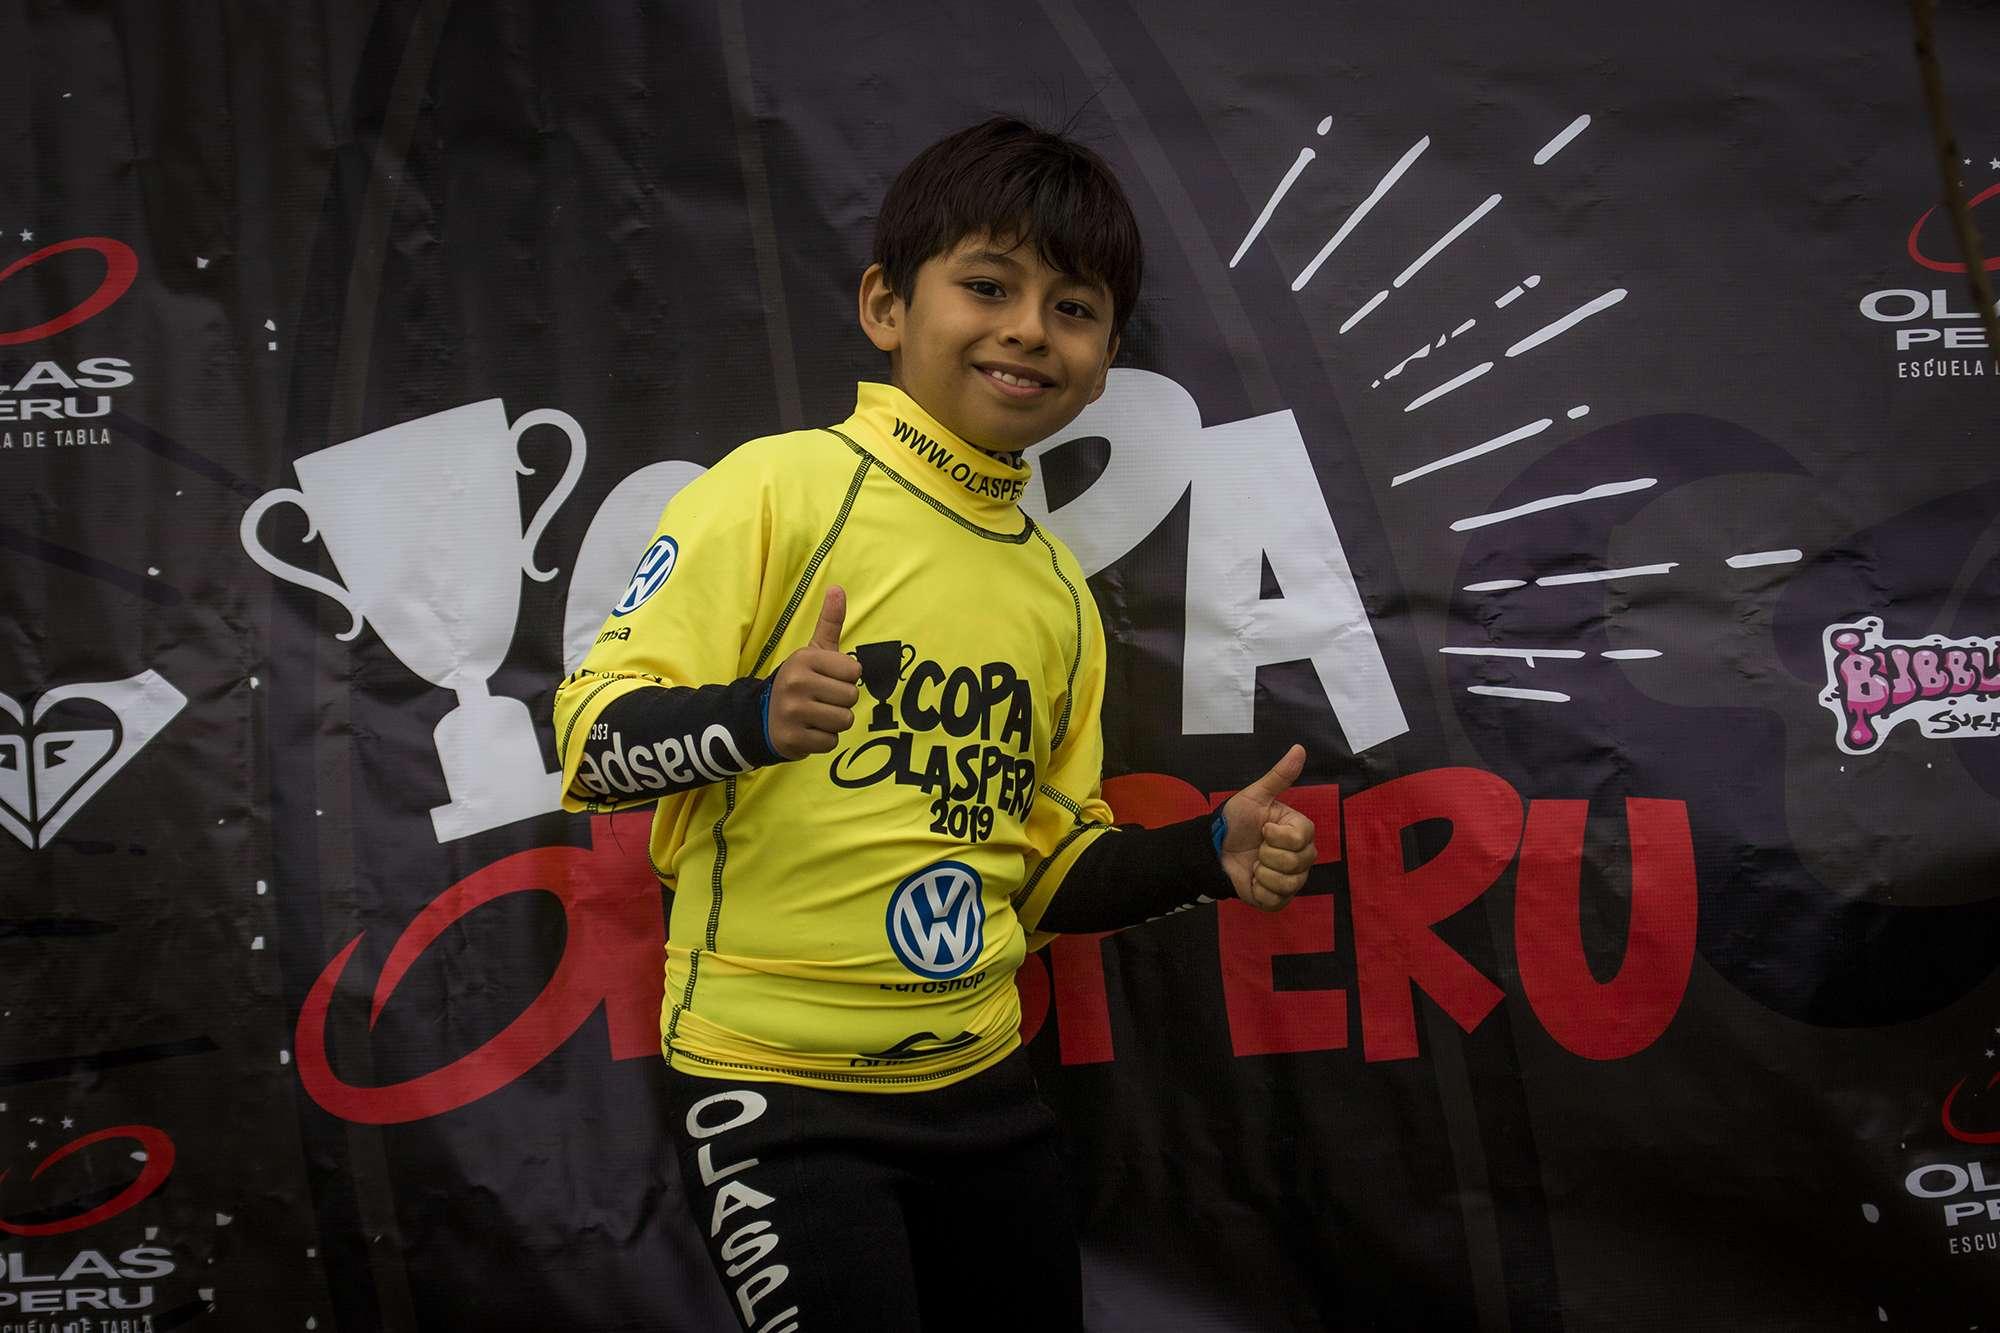 Copa Olas Perú / 1era Fecha